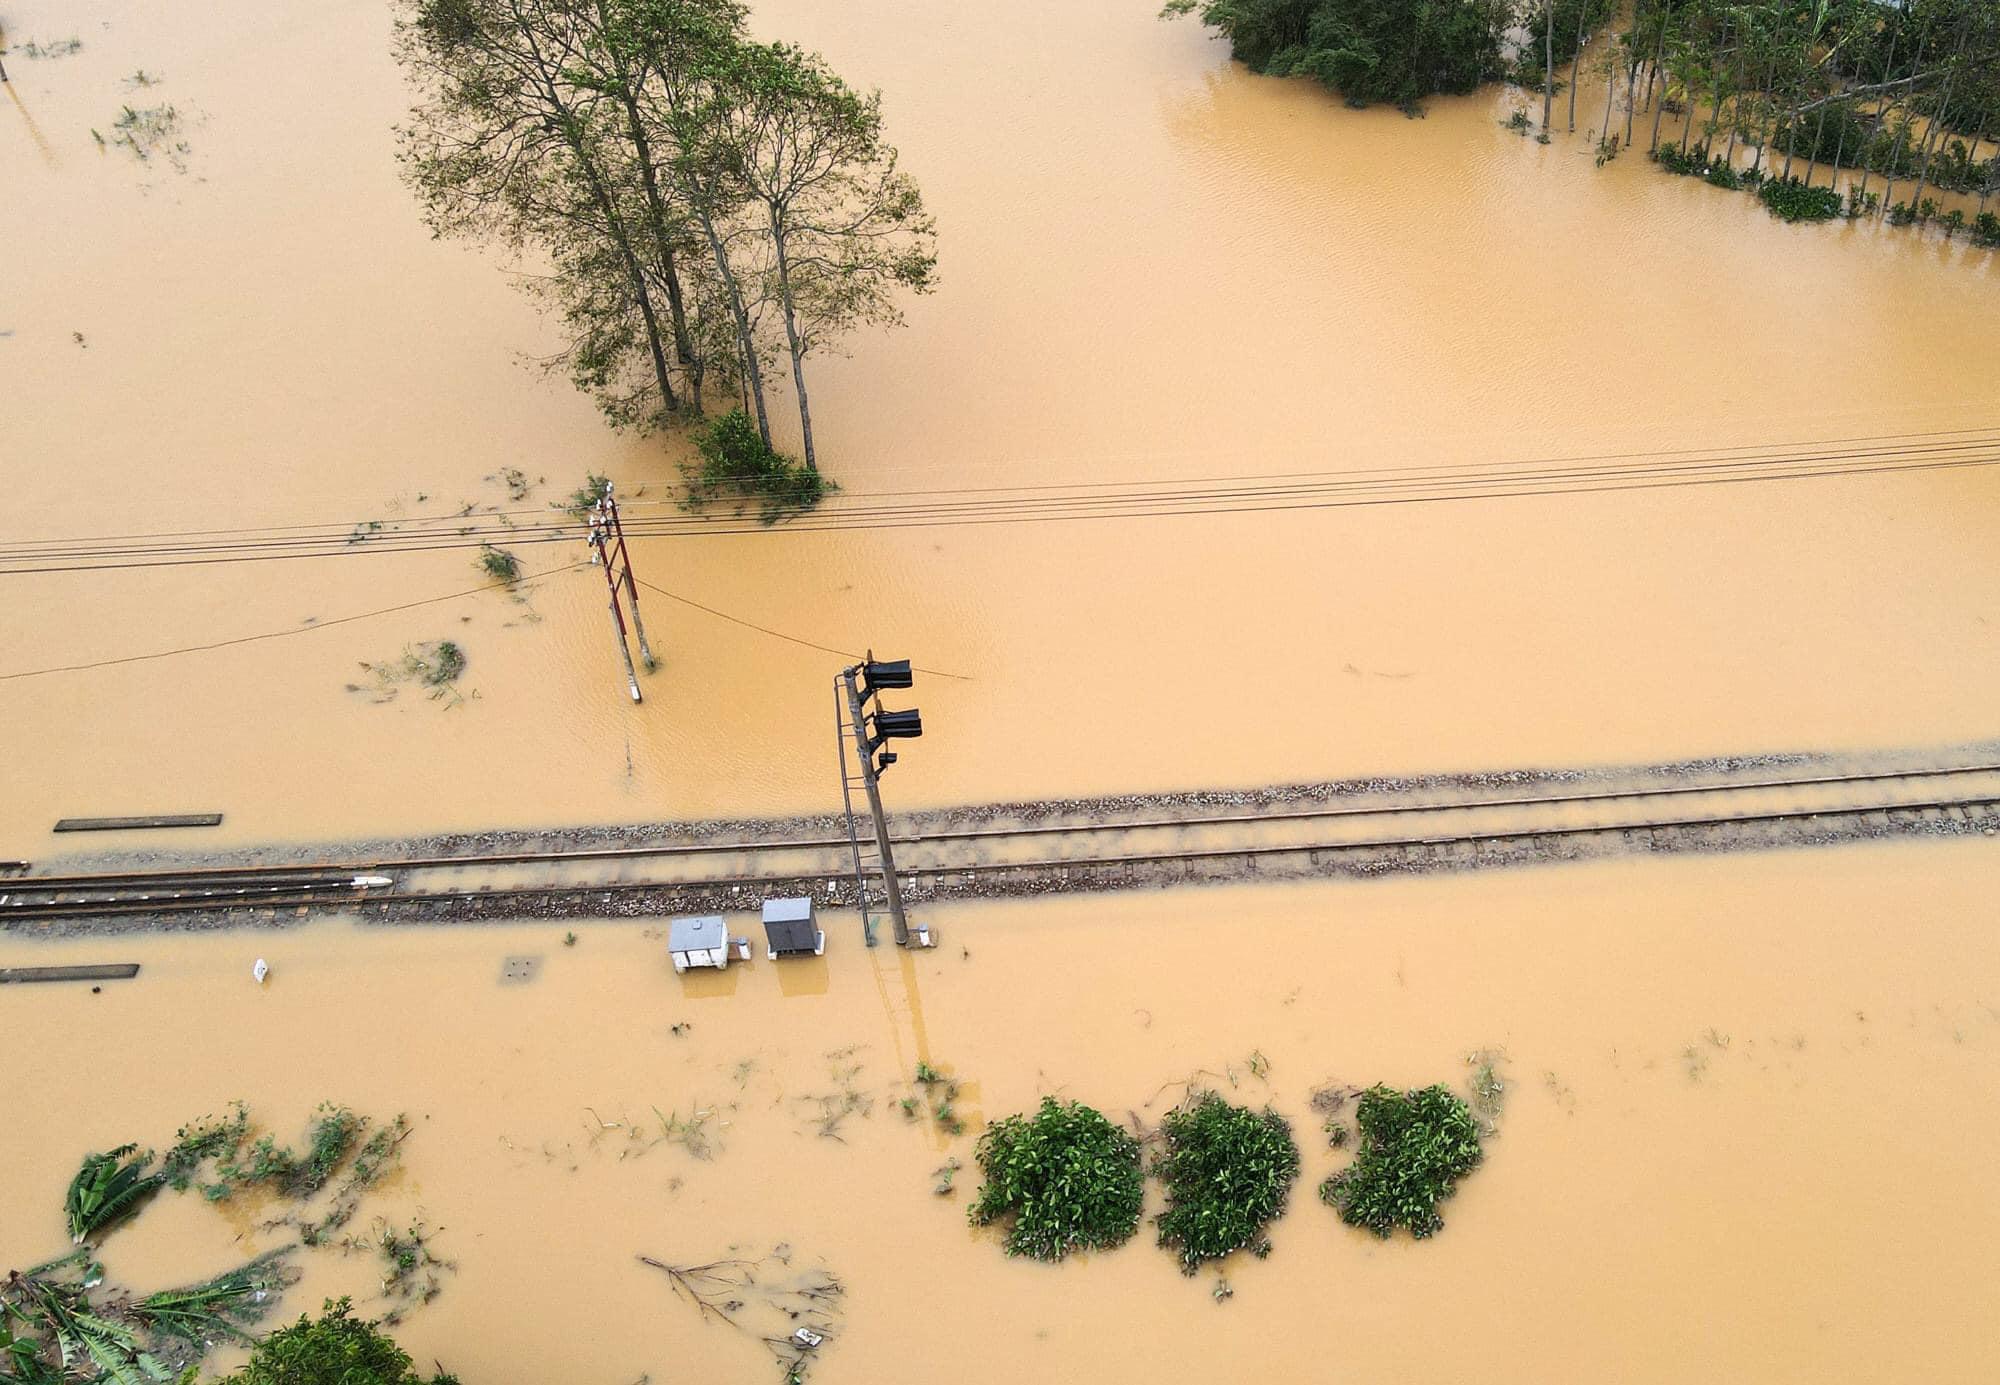 Thiệt hại của ngành đường sắt do cơn bão số 9 - Ảnh 1.